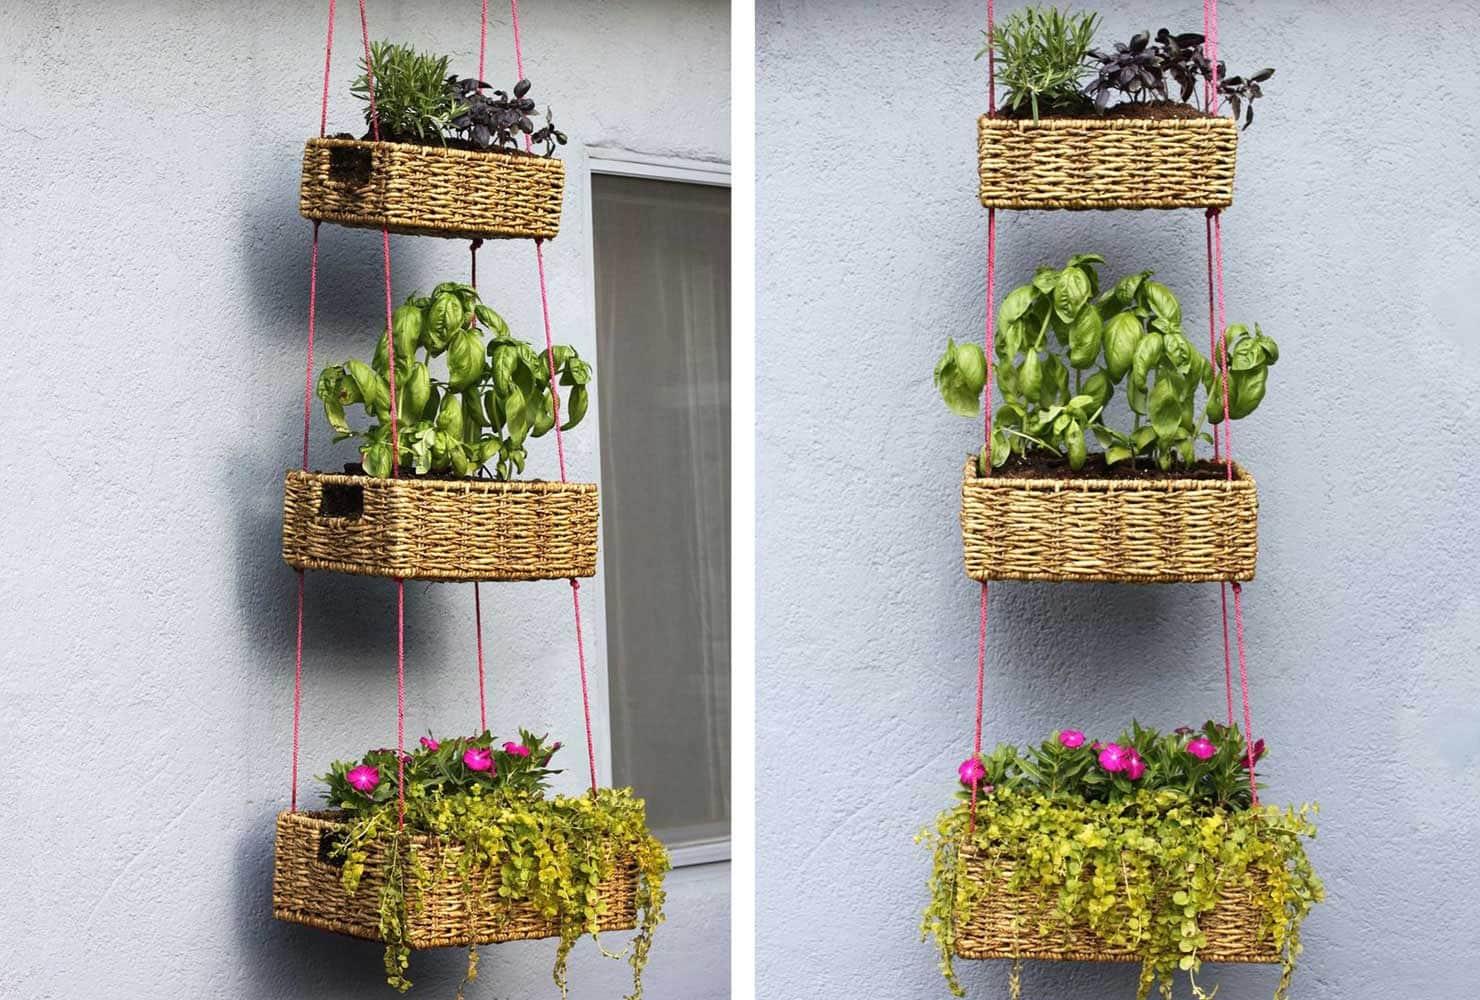 45 diy patio ideas to brighten your